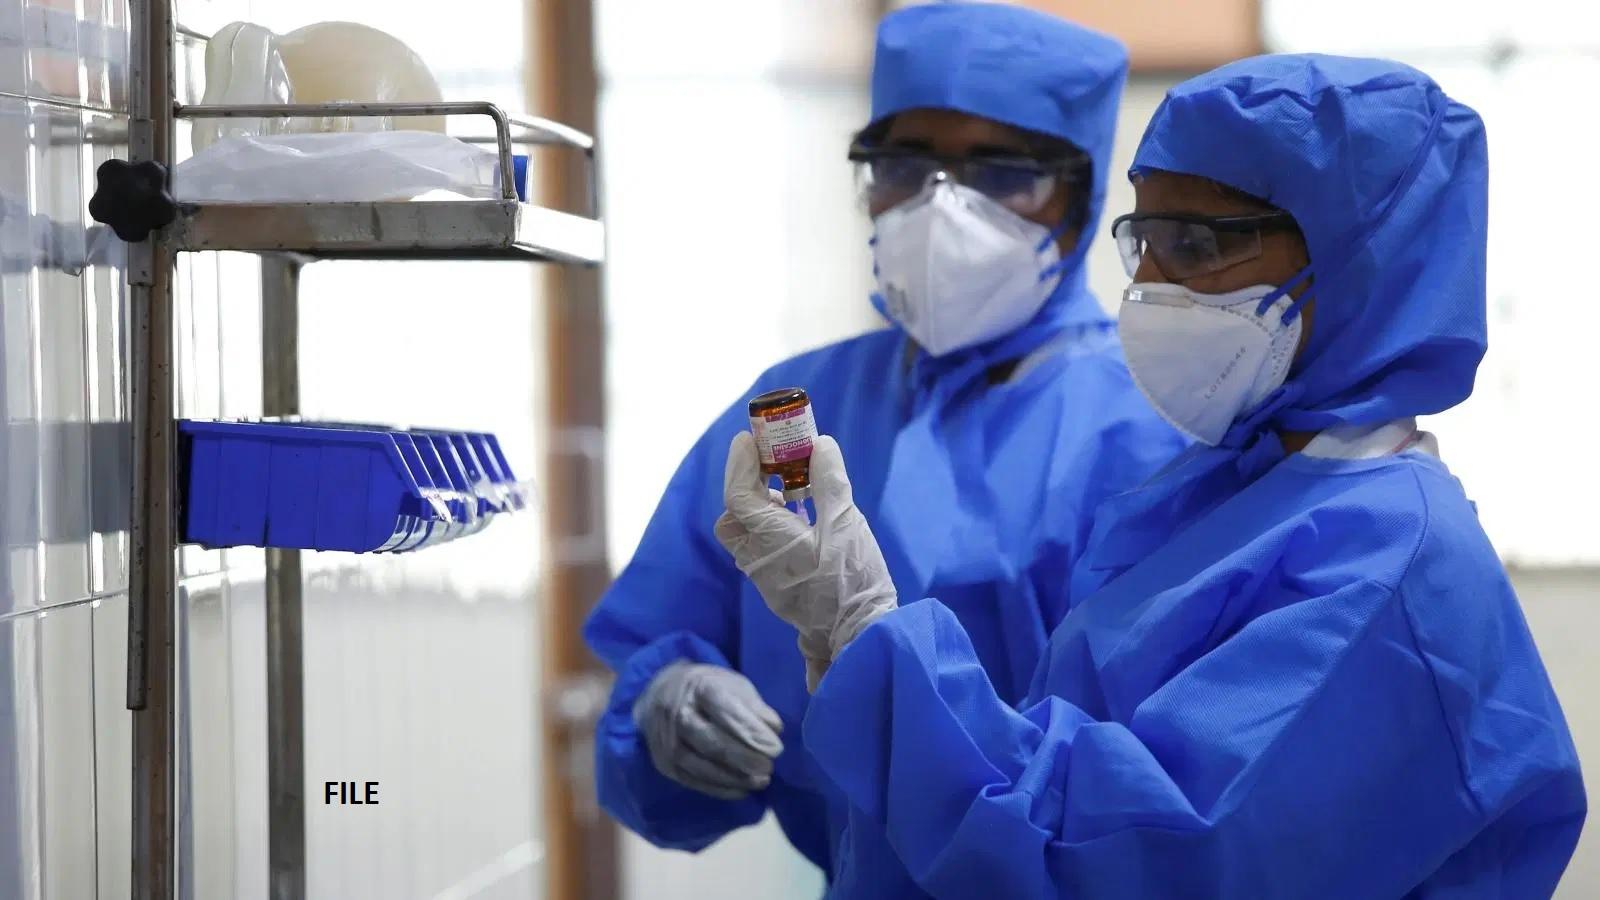 12 साल से अधिक आयु के बच्चों को लगेगा मॉडर्ना का टीका, इस देश की सरकार ने दी मंजूरी